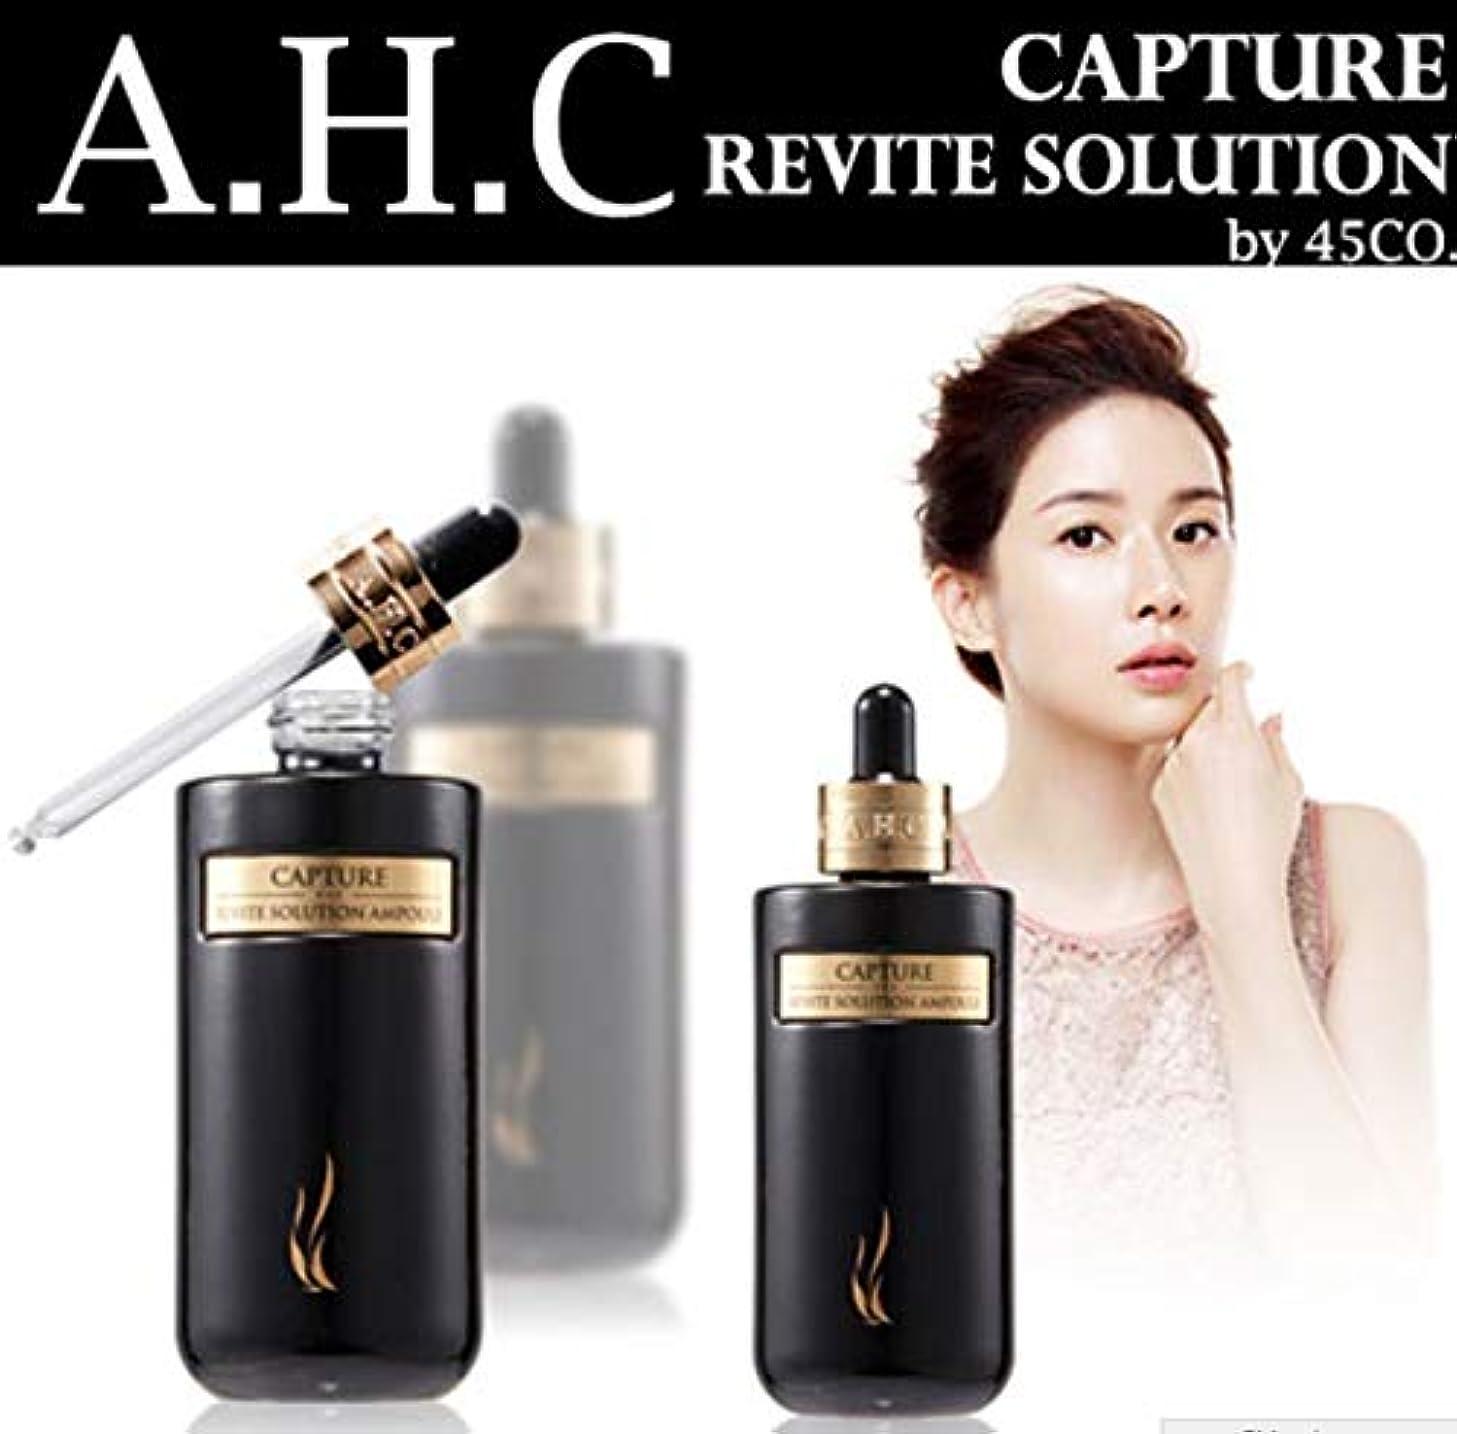 後方にラップトップ意義[A.H.C] キャプティブリバイトソリューションアンプル50ml / Capture Revite Solution Ampoule 50ml / ホワイトニング、ヒアルロン酸/韓国化粧品 / Whitening, hyaluronic...